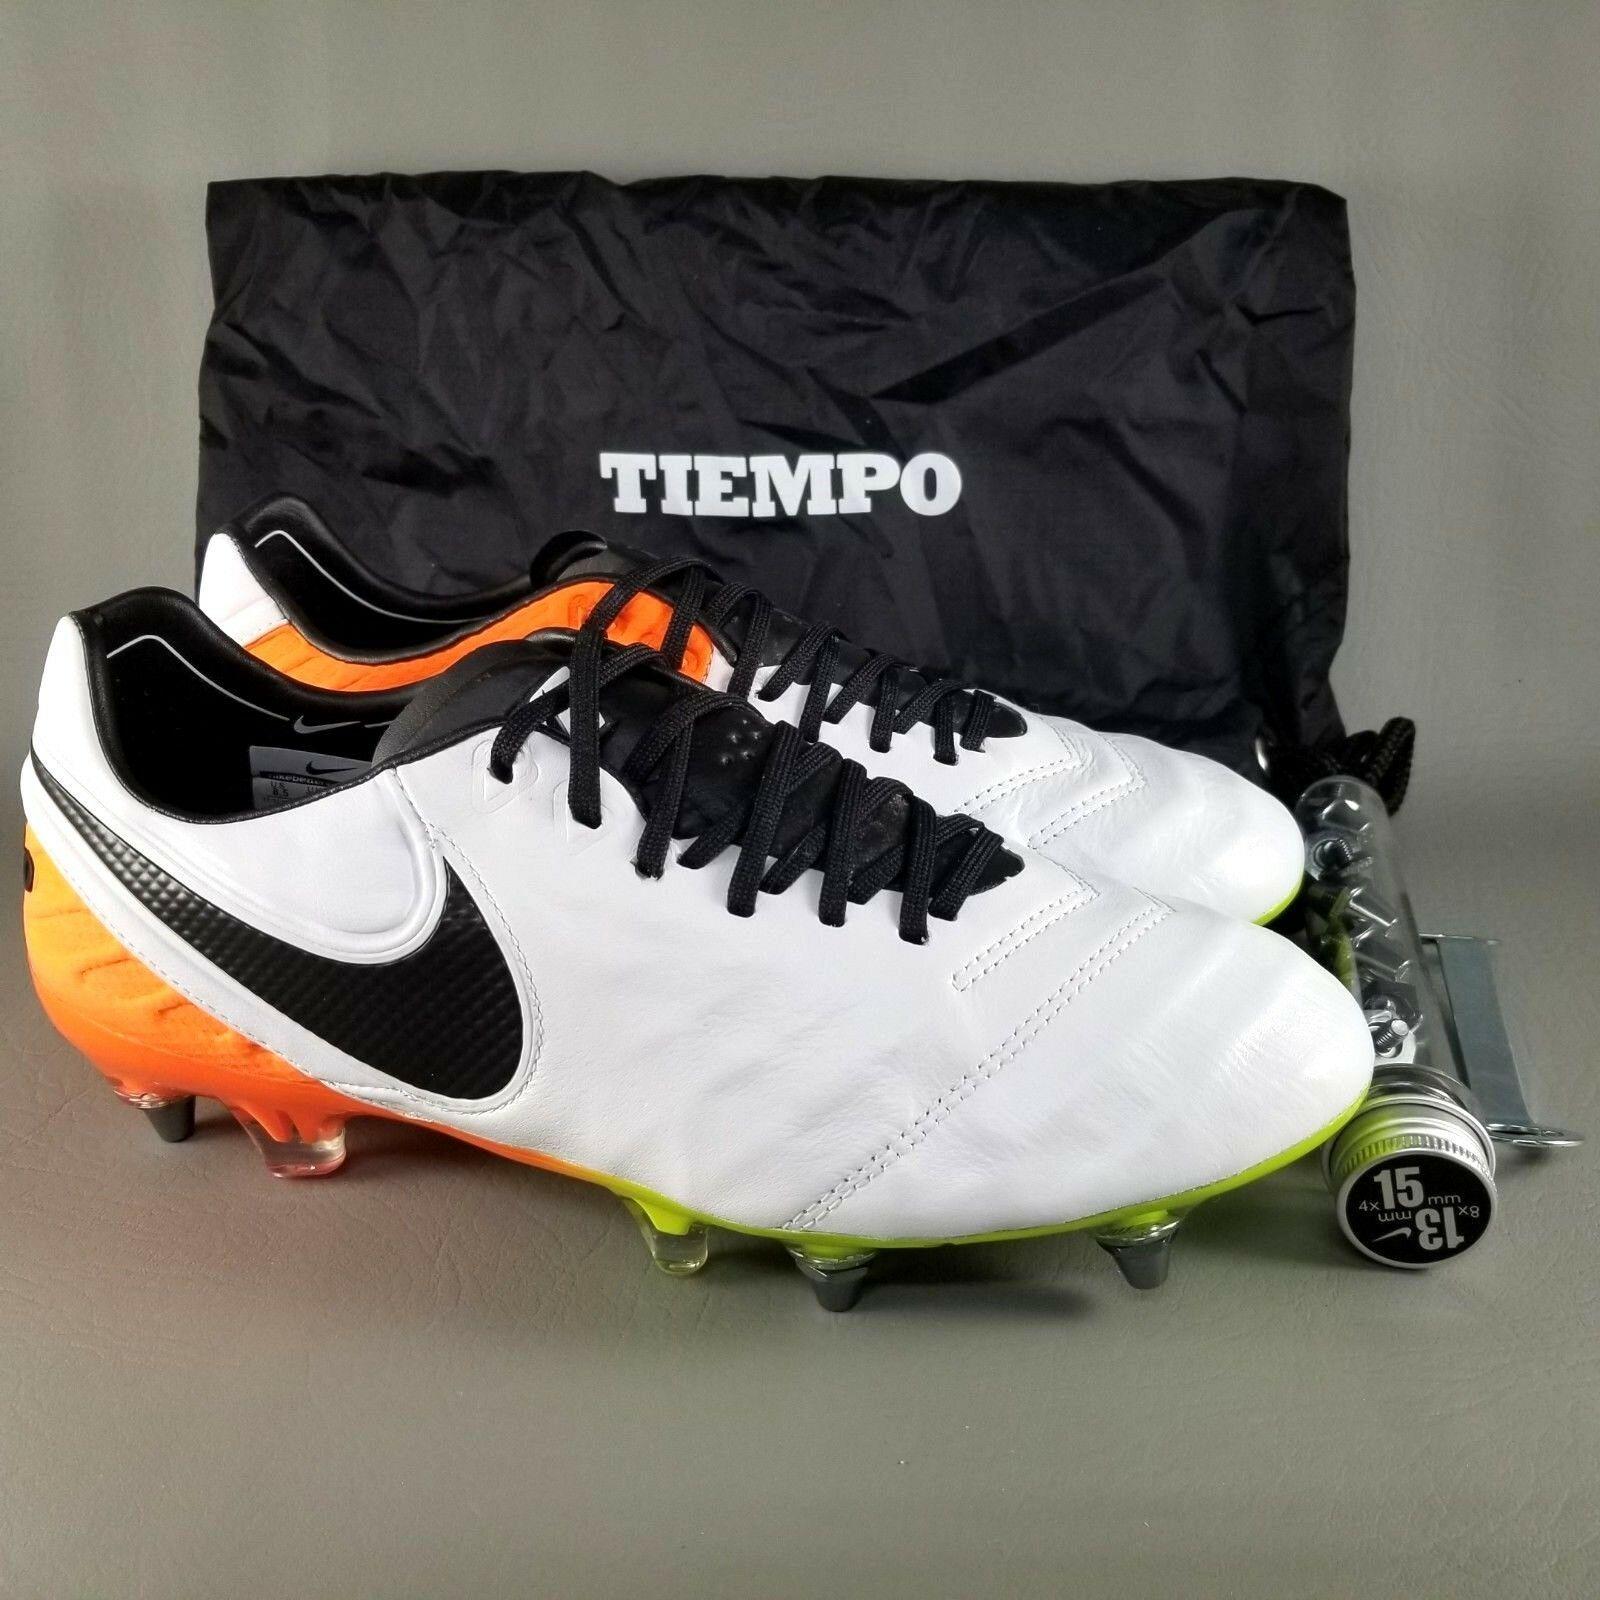 2e5d3b8d269 57. 57. Previous. Nike Tiempo Legend VI 6 SG PRO ACC Leather Soccer Cleats  SZ 8.5 Men White Orange